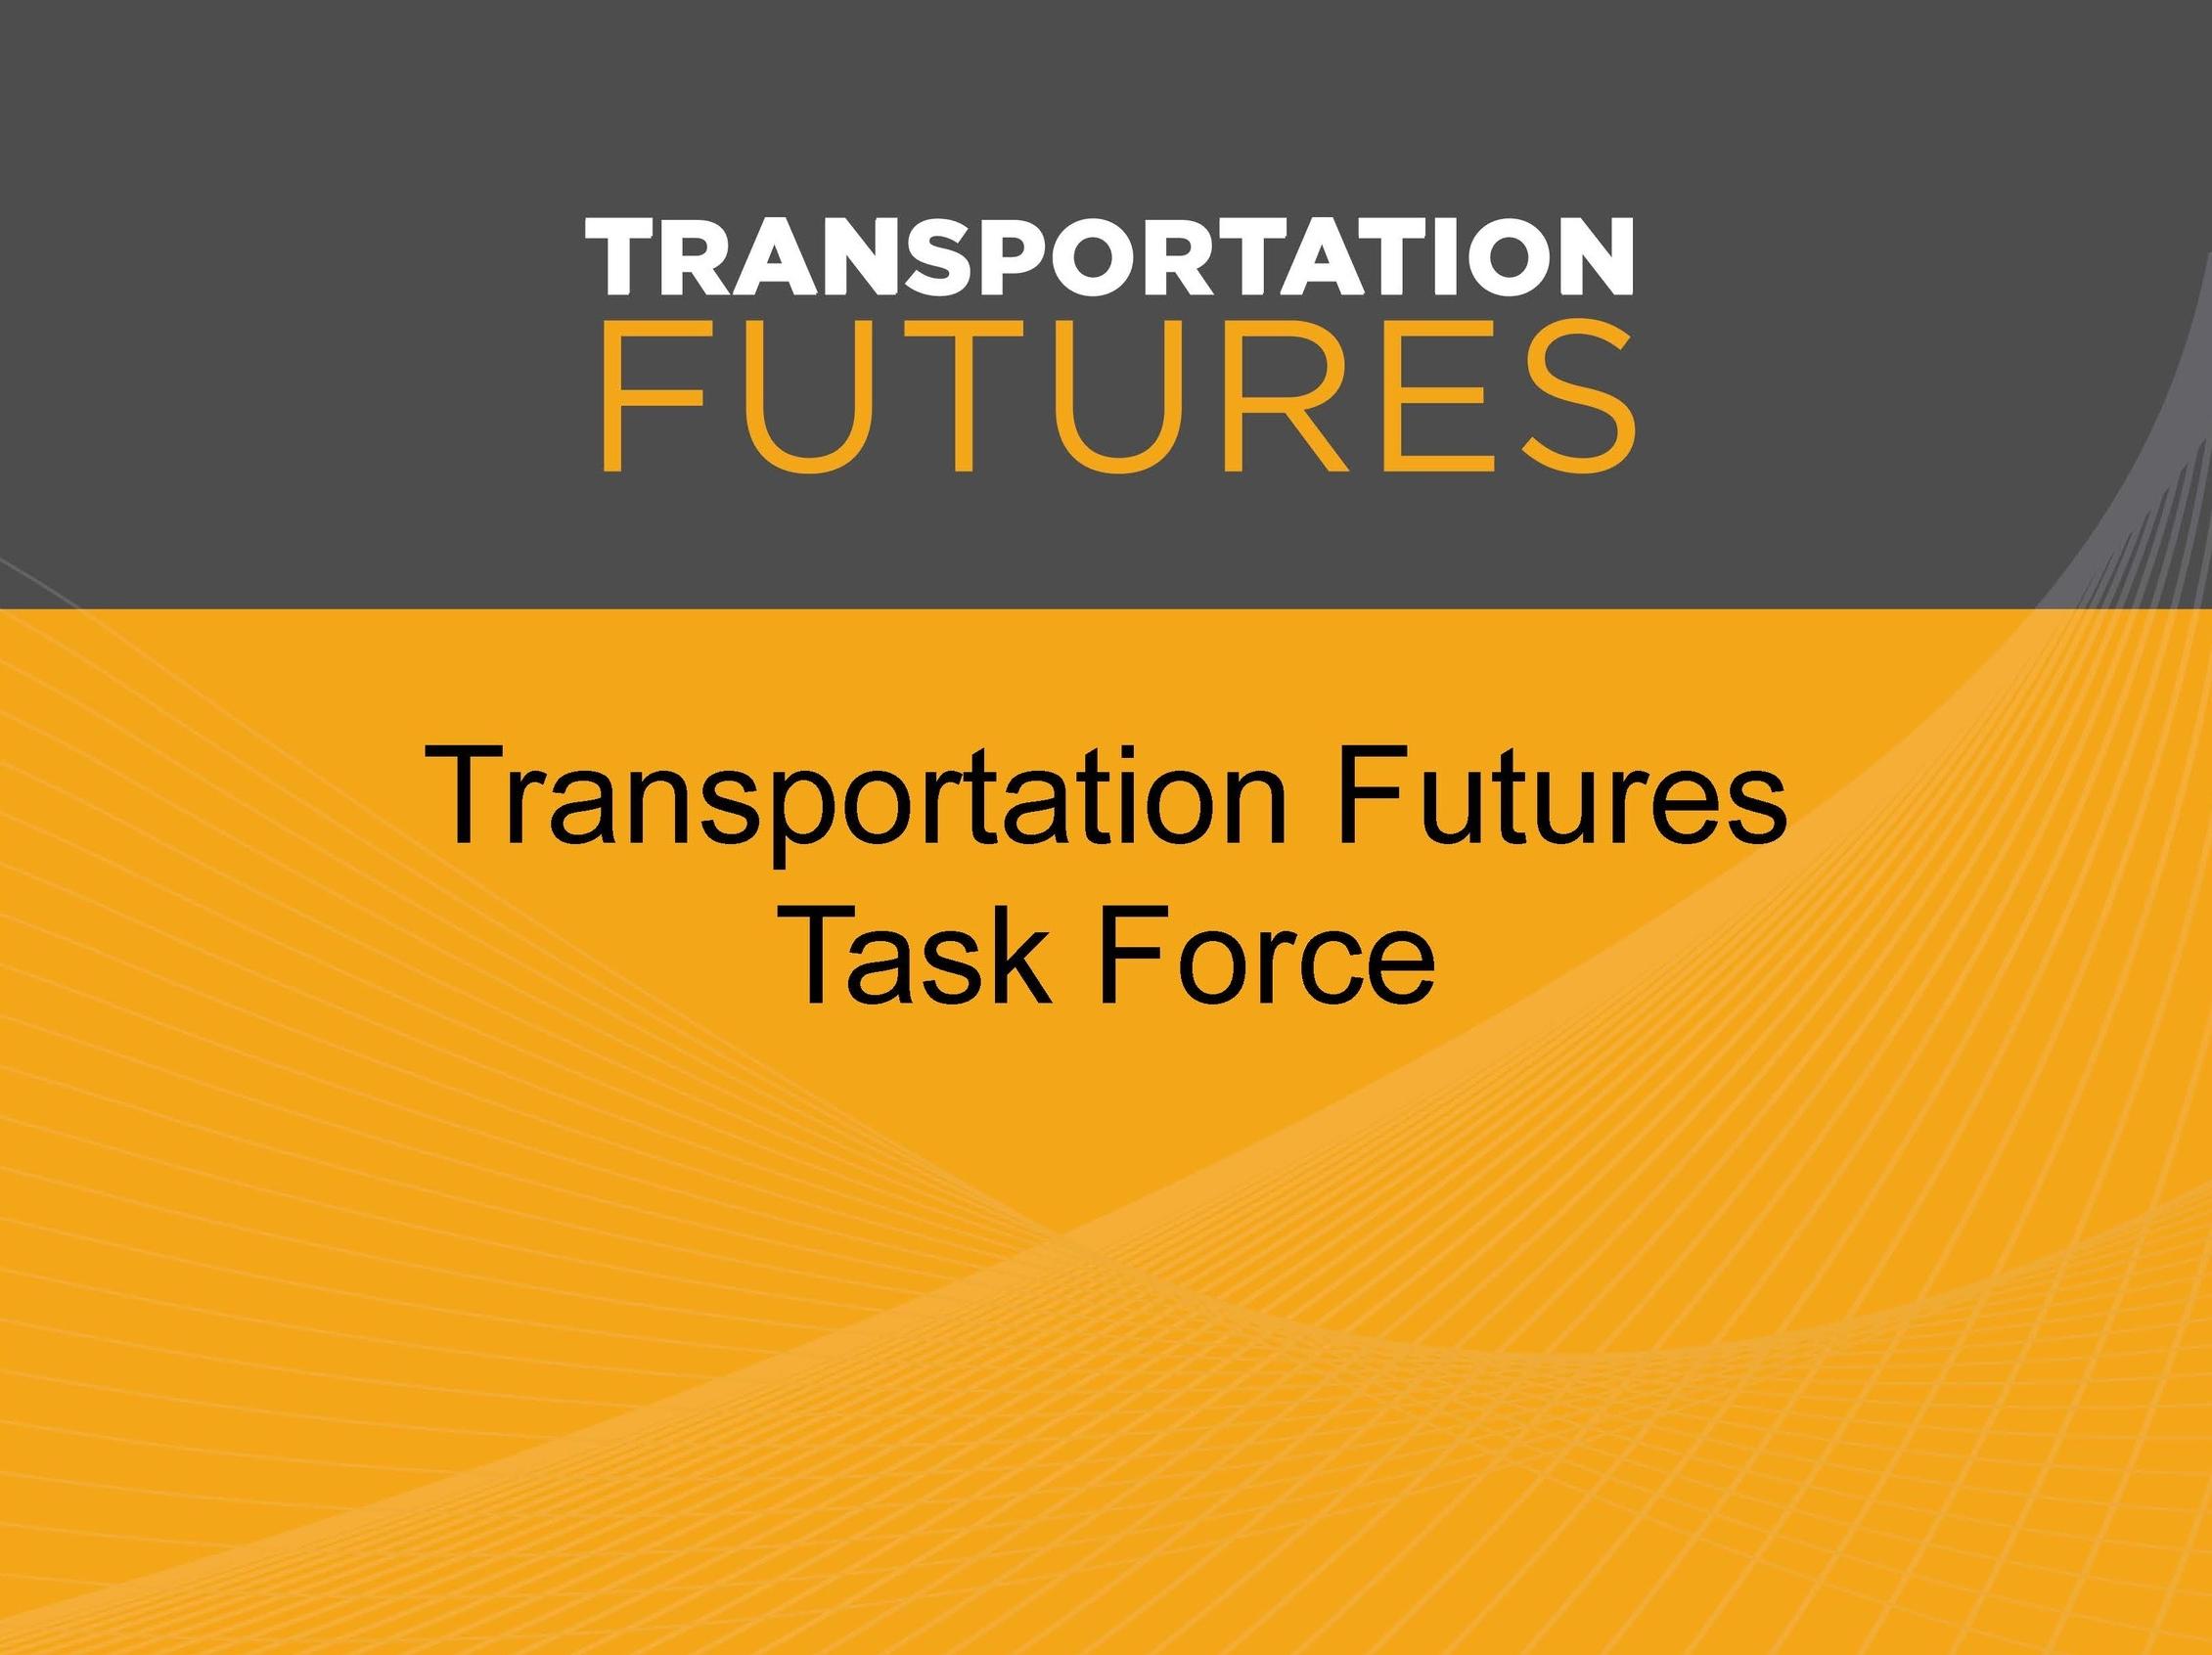 Transportation Futures Taskforce   Seattle, WA